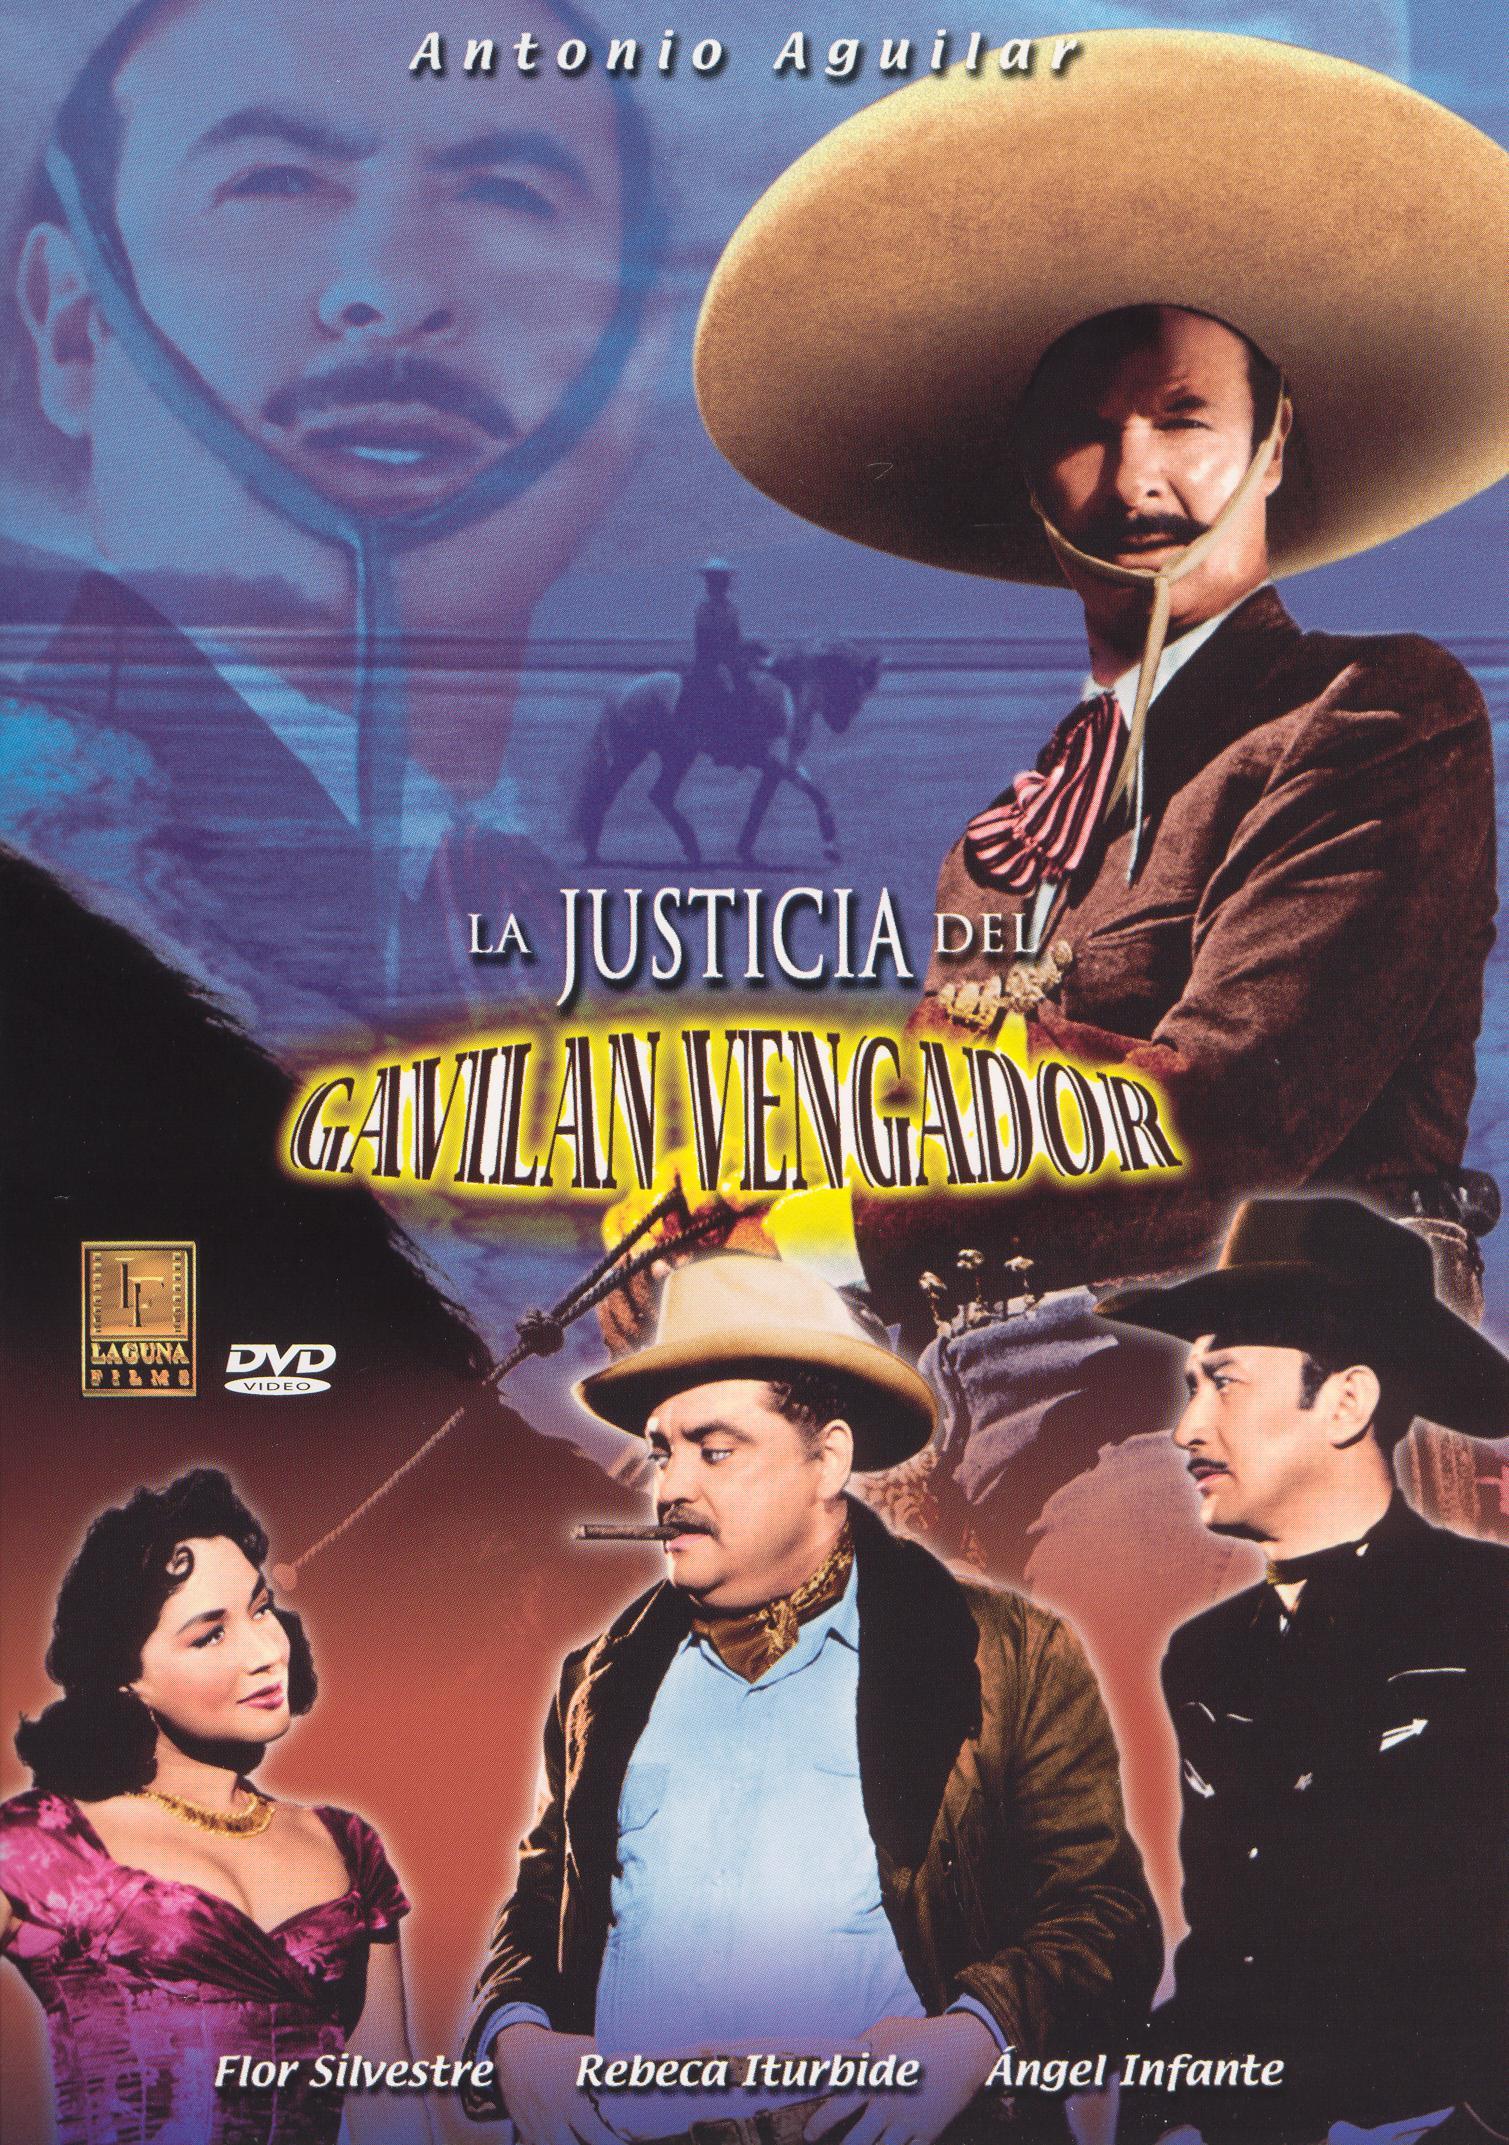 La Justicia del Gavilan Vengador